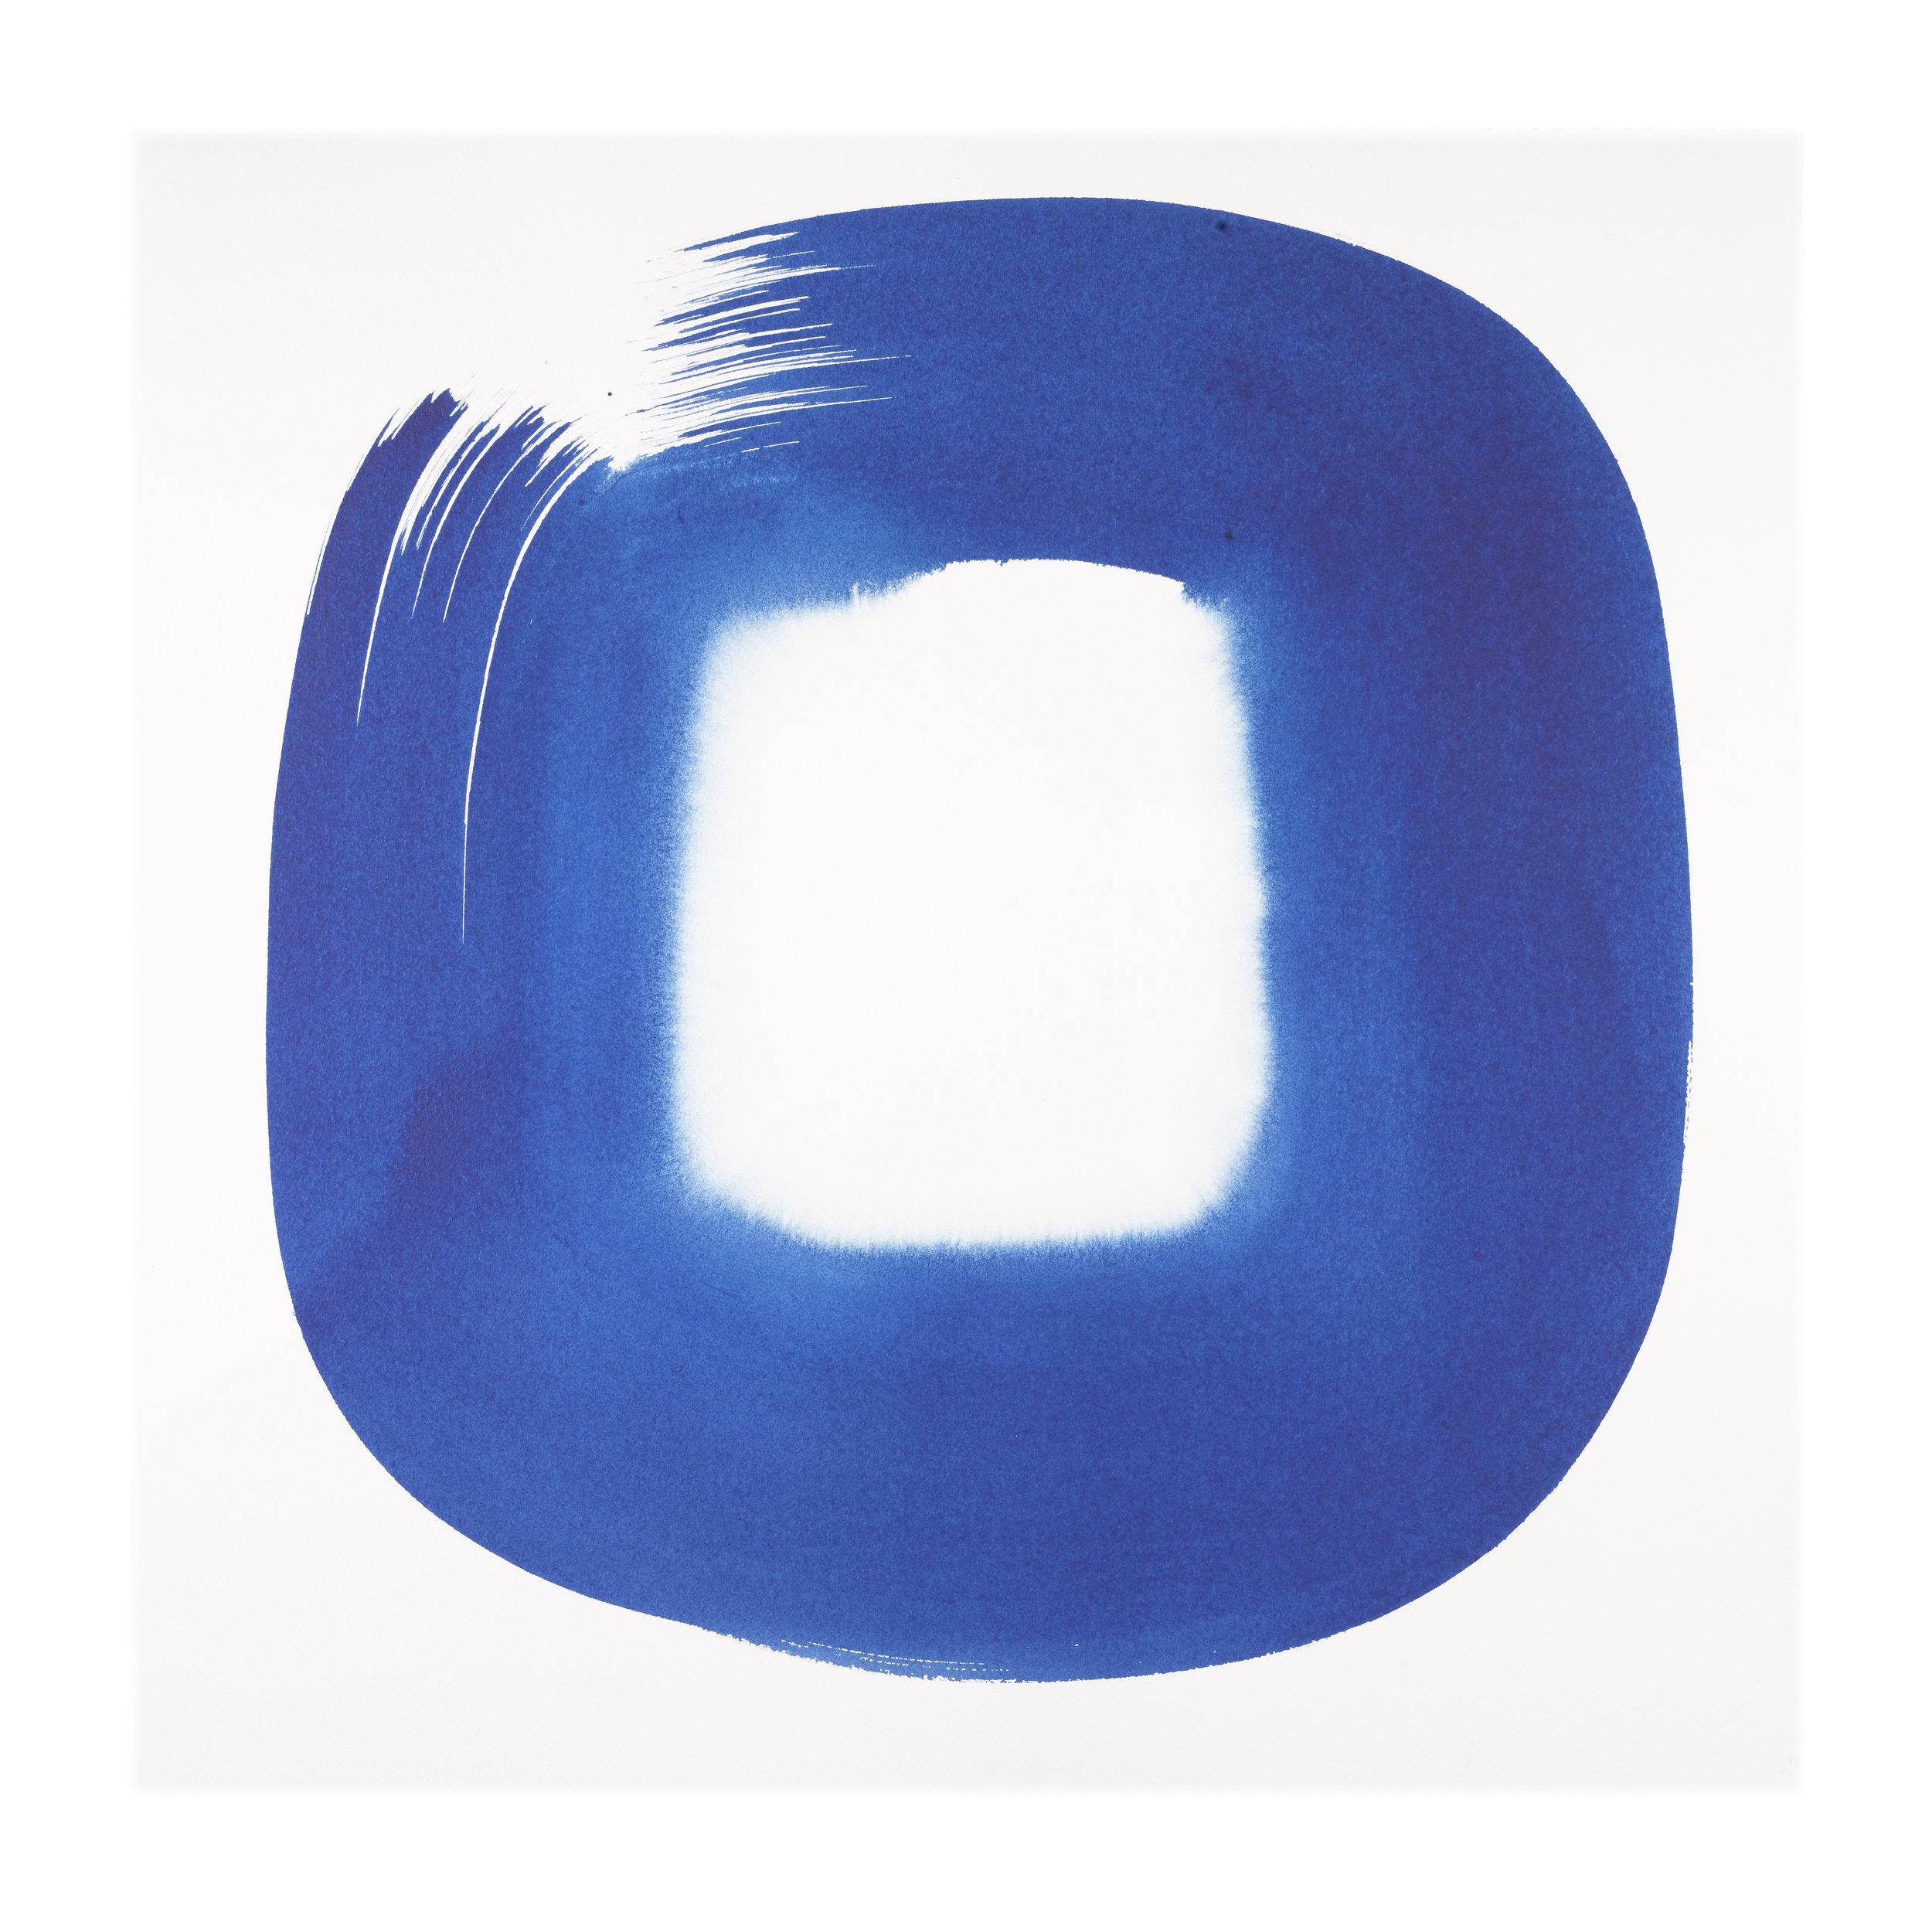 2623_Veronique_Paintings_SHOT01_Bright_Blue_001-ret.jpg